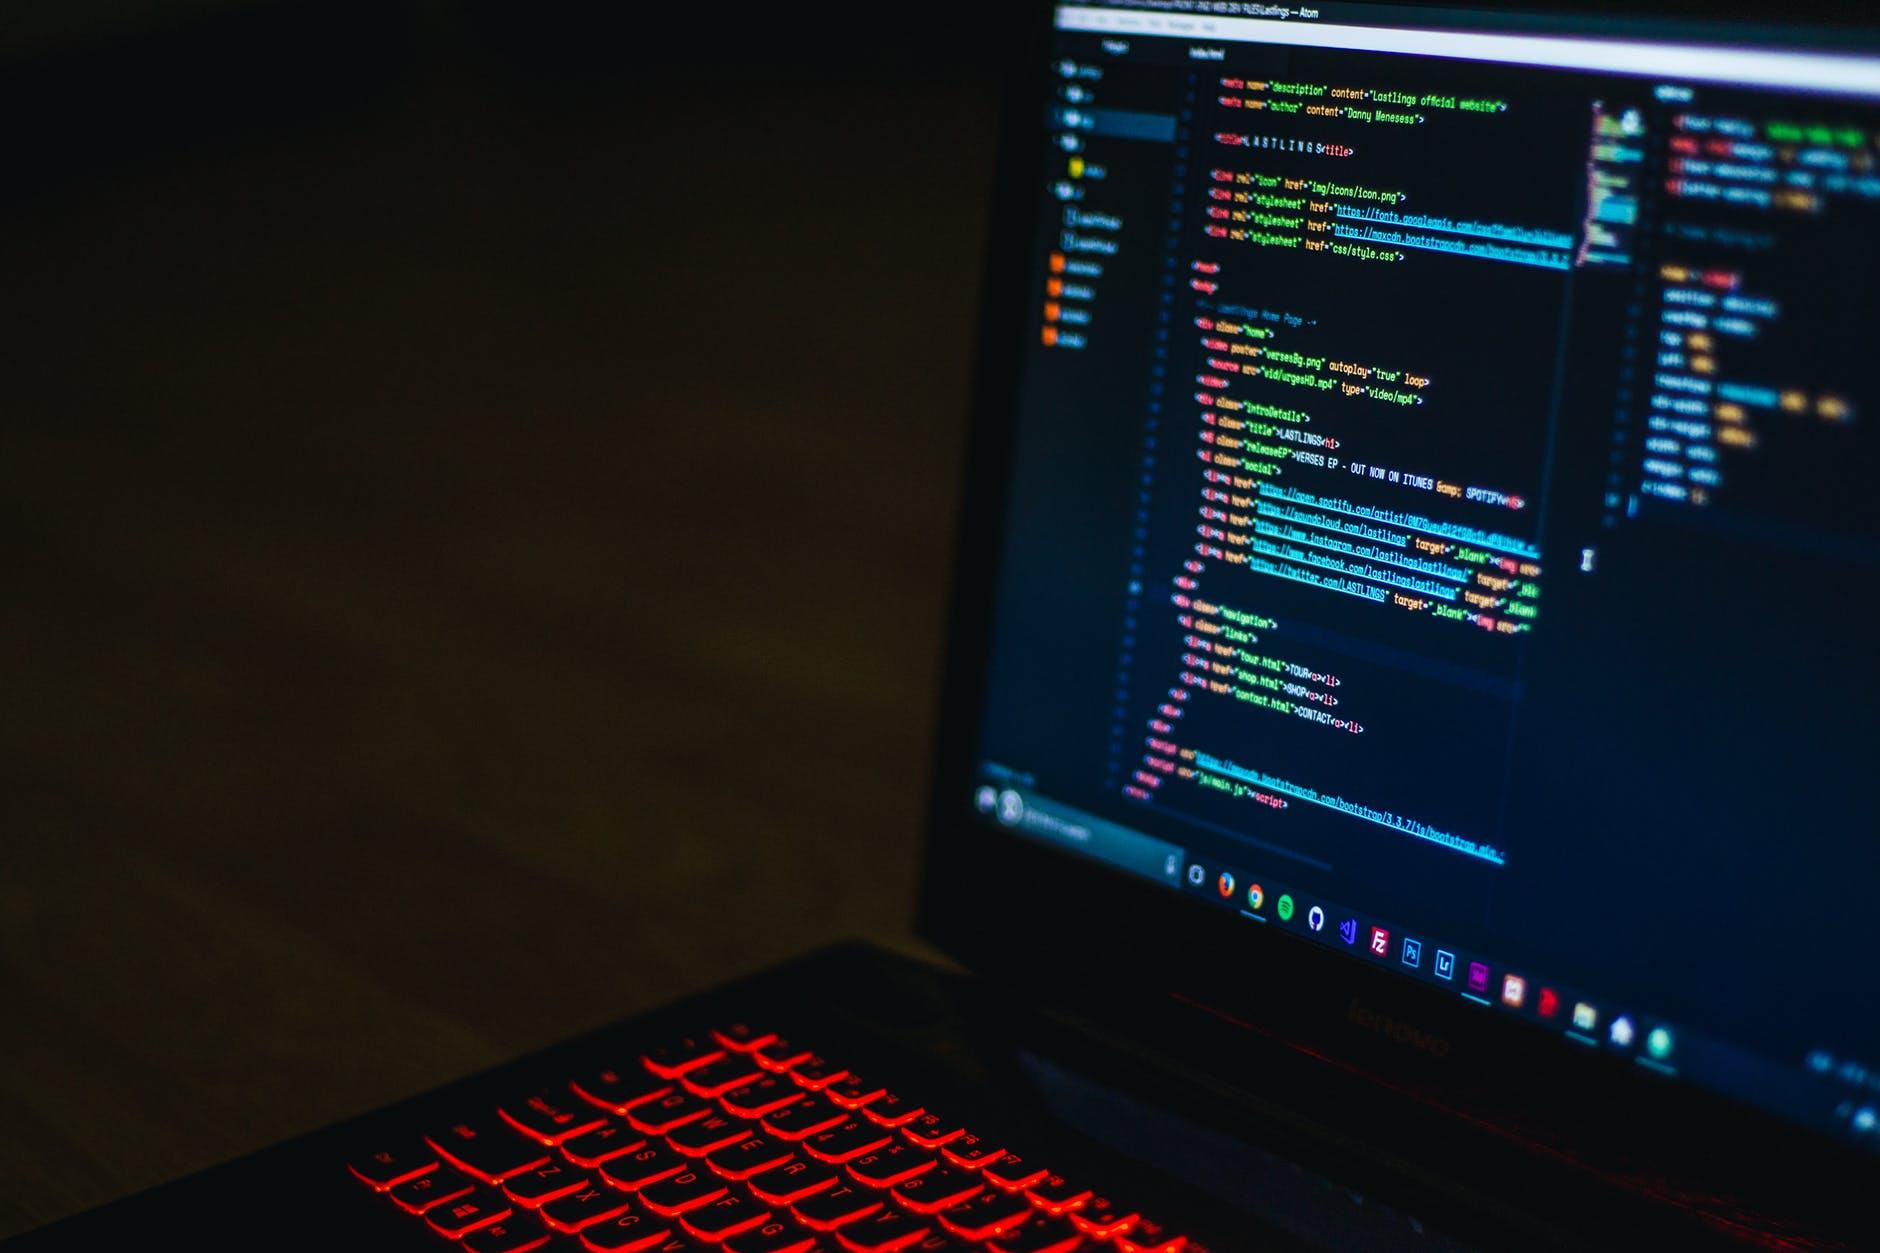 ¿Vale la pena una Laptop Gamer para programar?